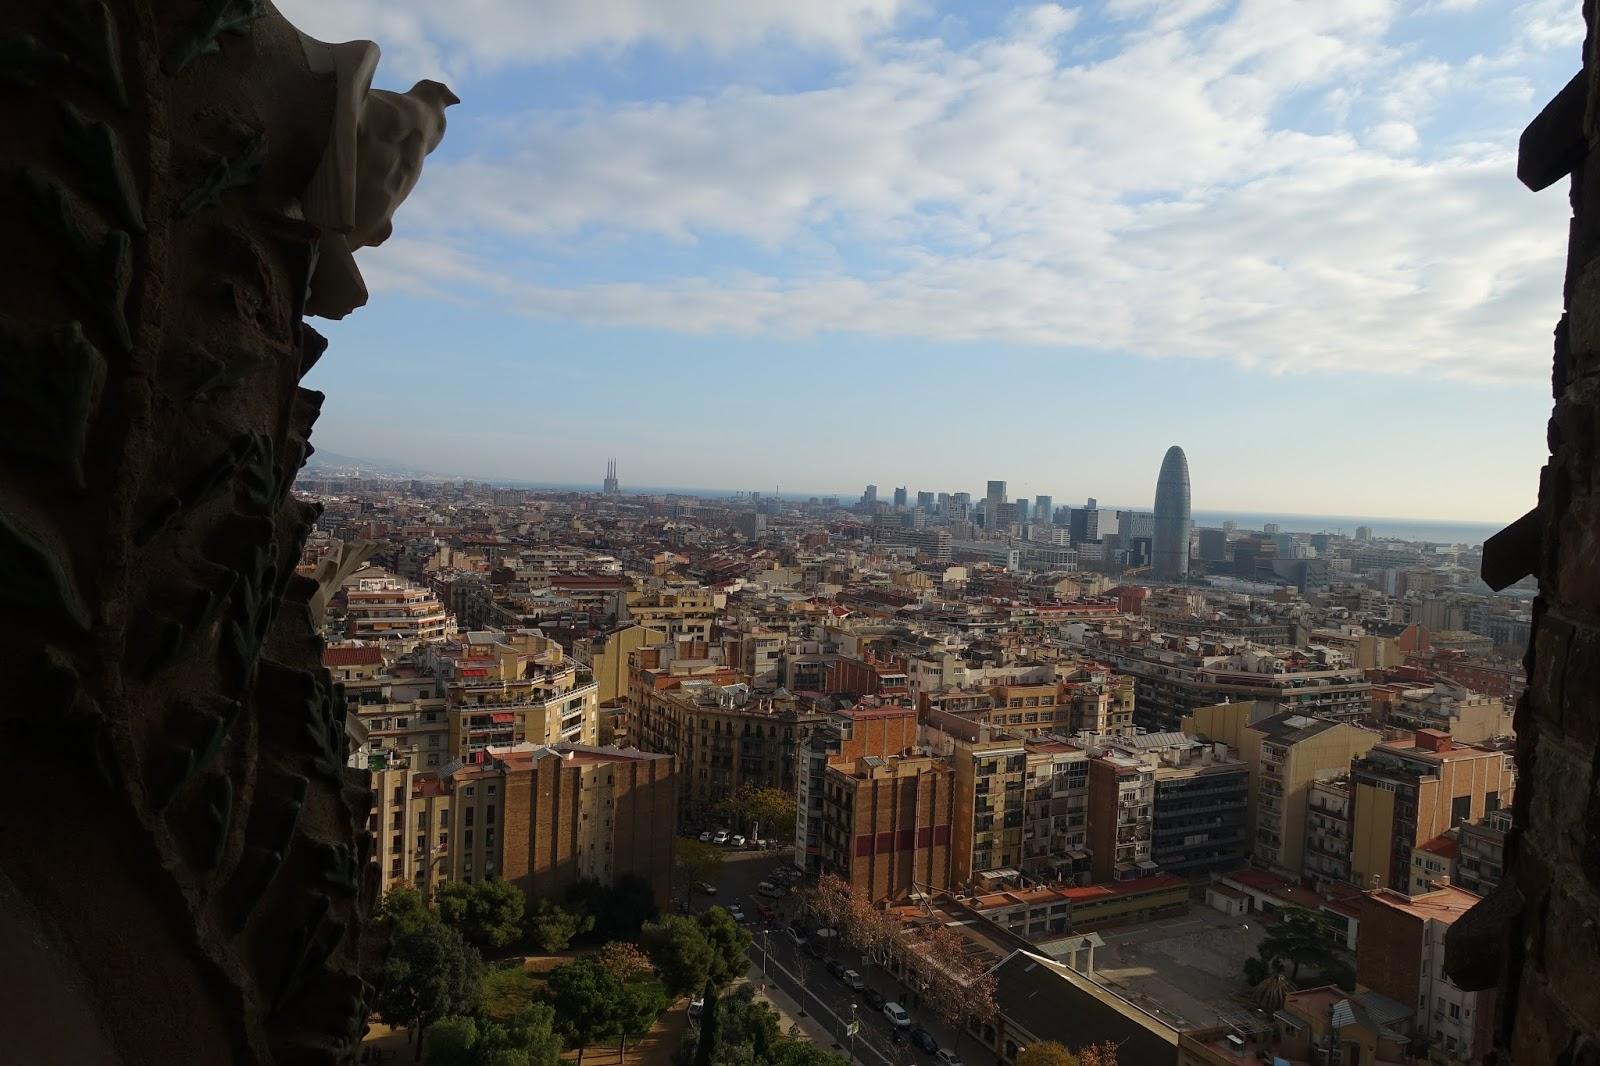 サグラダ・ファミリア (Sagrada Familia) トーレ・アグバール